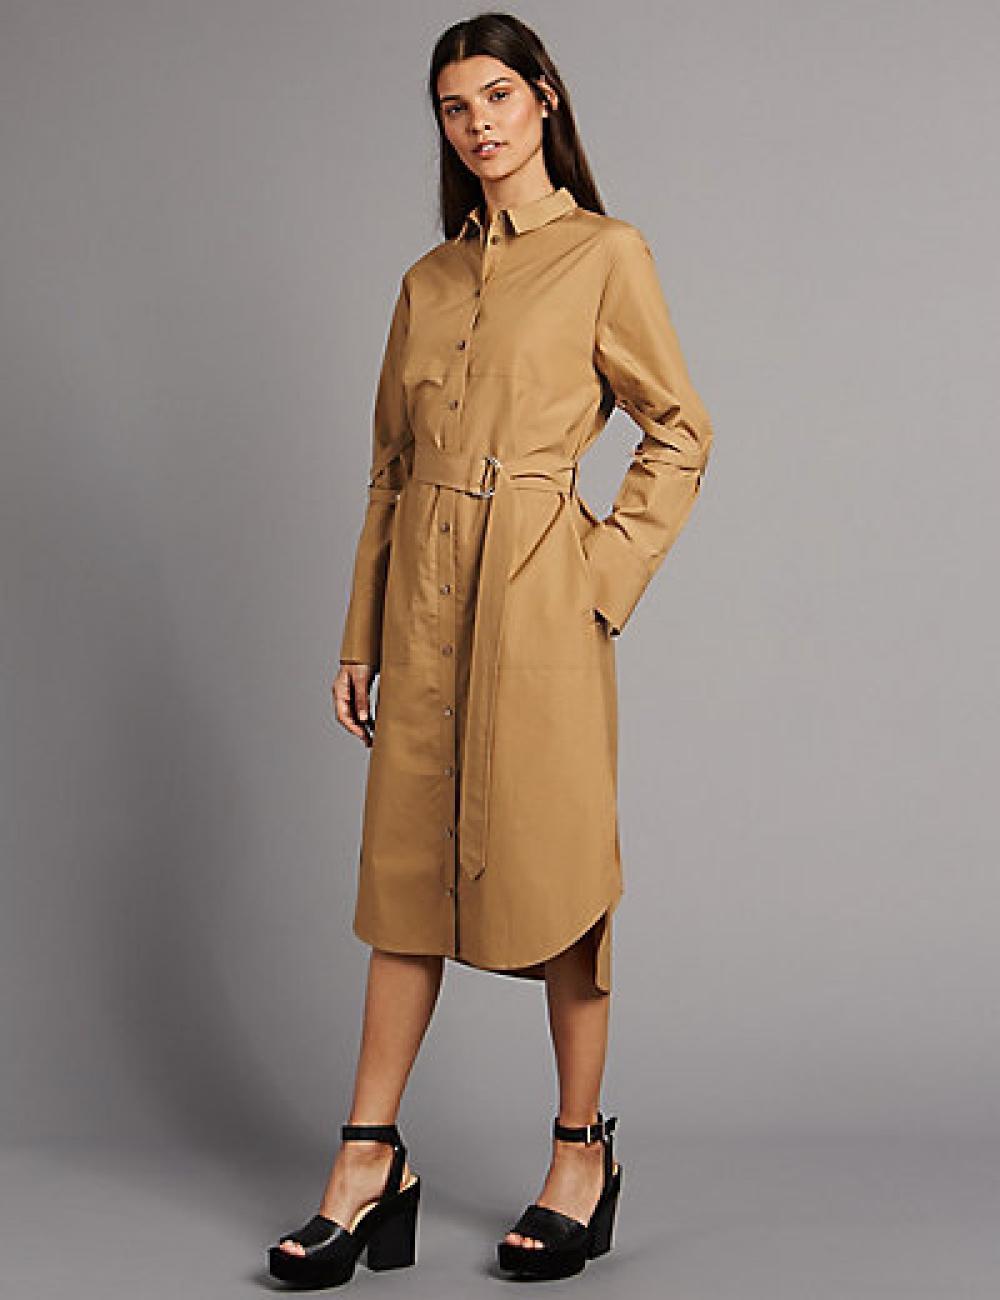 170619 Emma Carr Lookbook Ms Dress